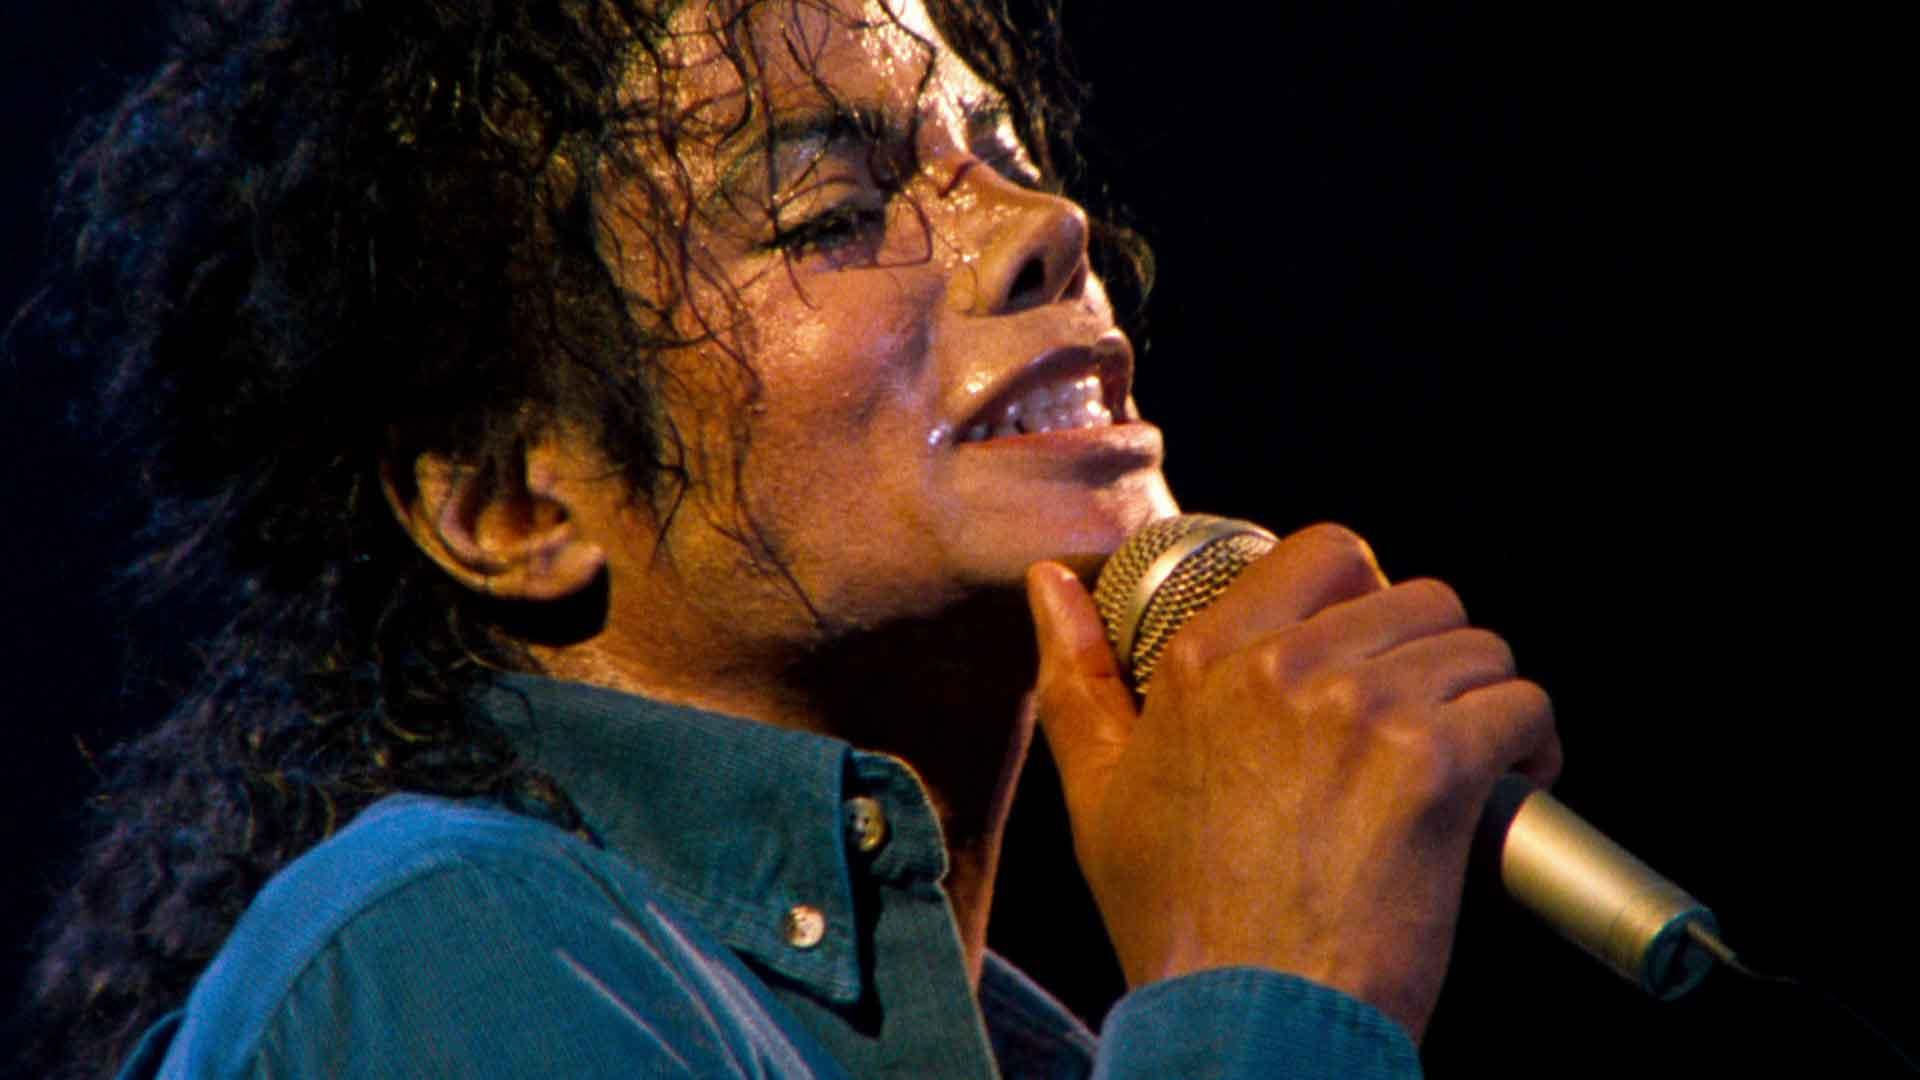 [蓝光原盘] 迈克尔·杰克逊Michael Jackson - 月球漫步者 《93分钟完整BDMV》绝对珍藏